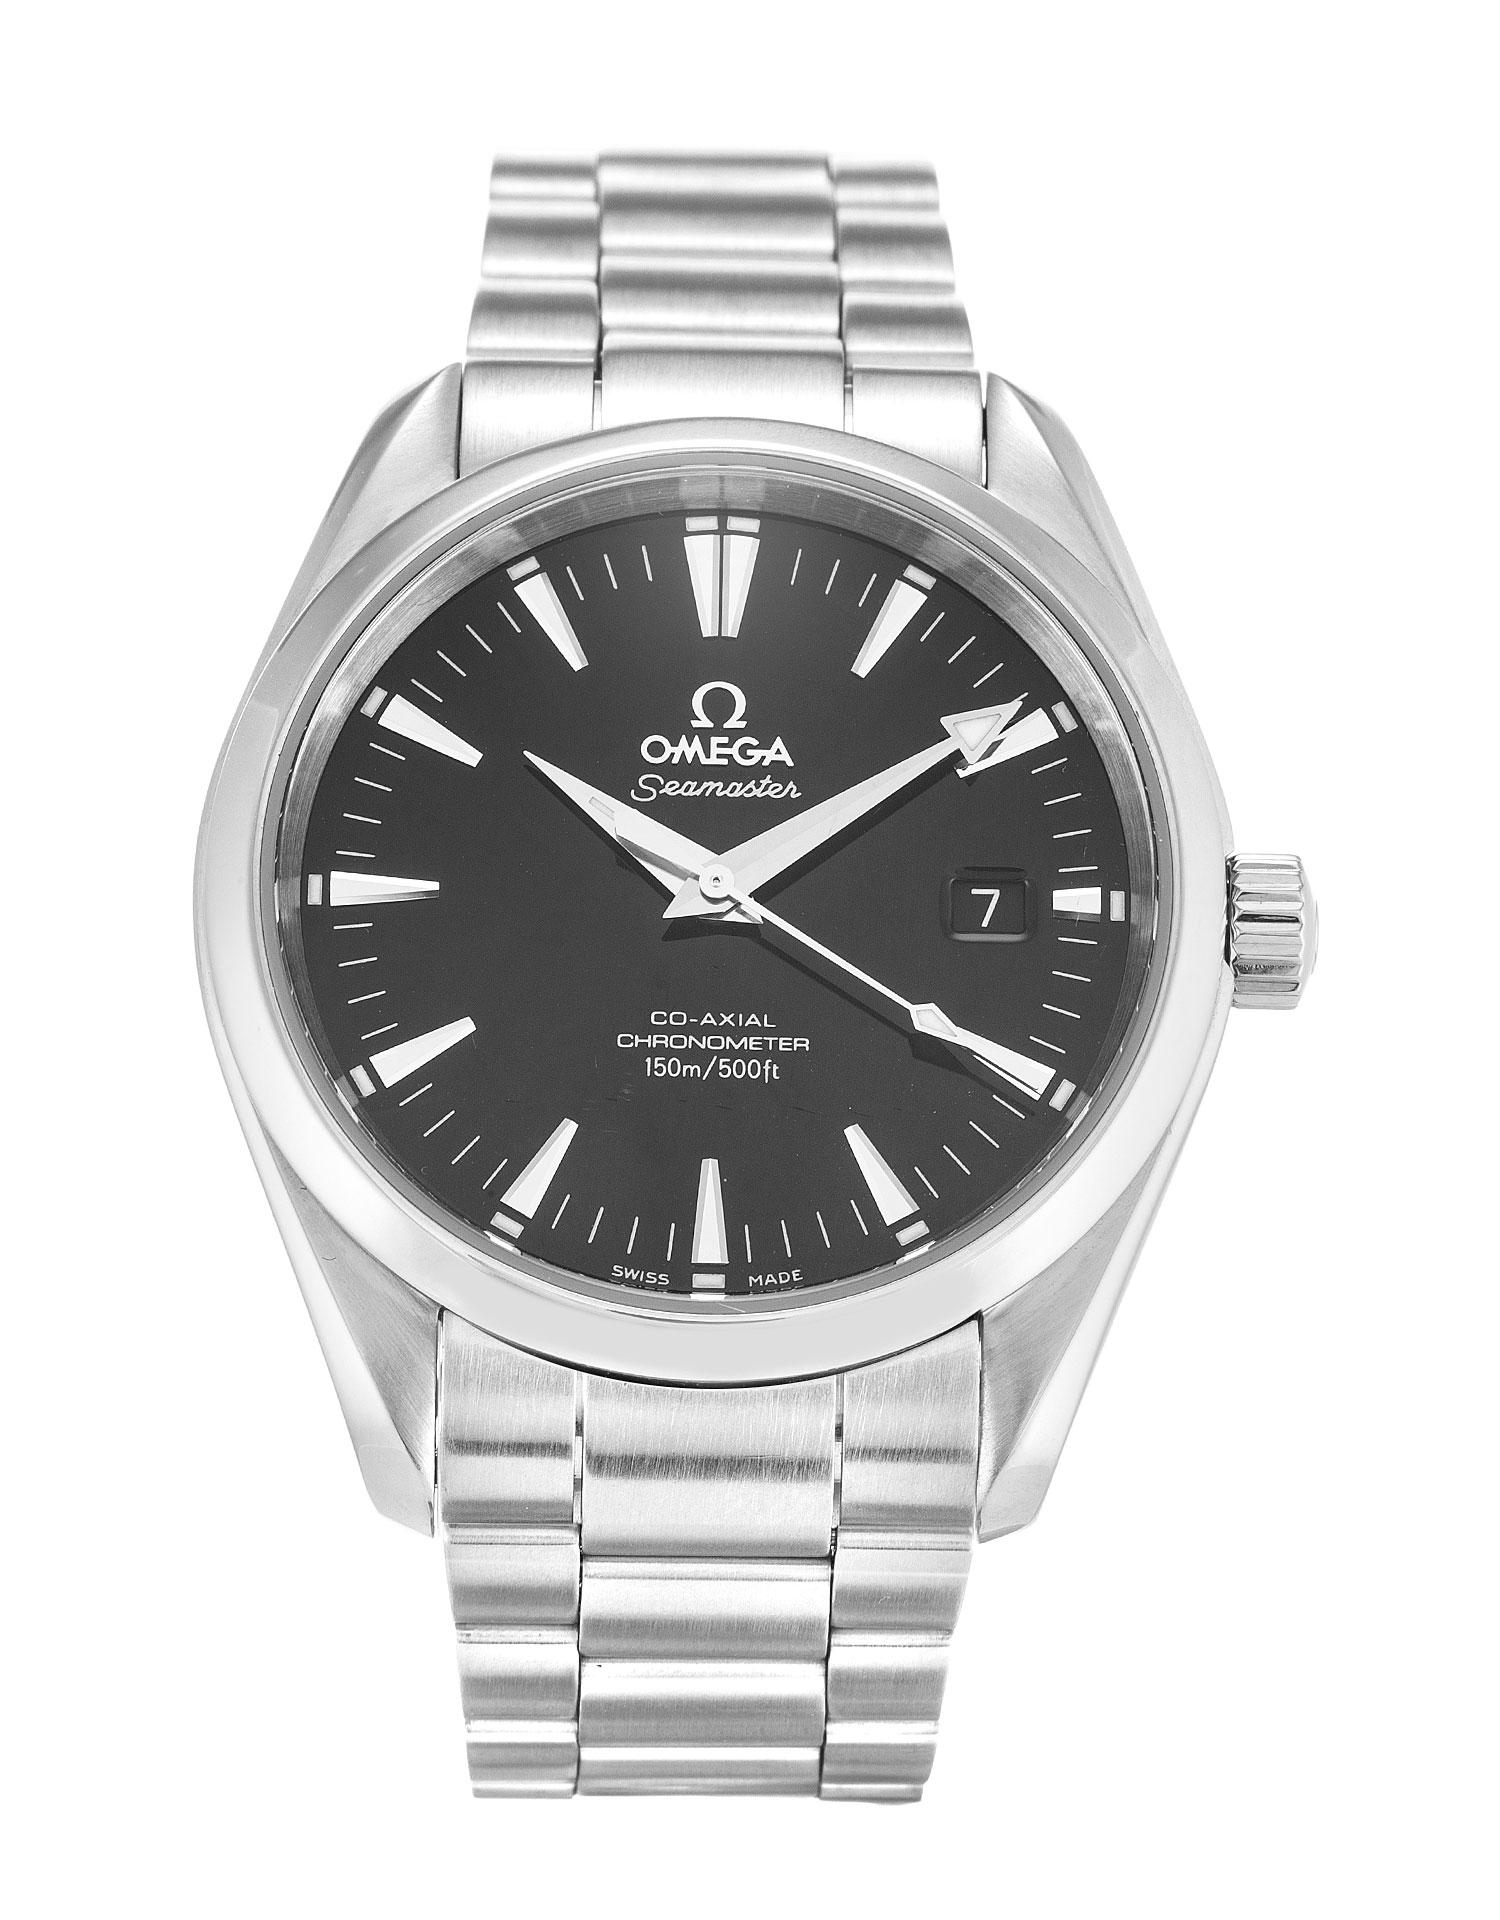 Omega Aqua Terra 150m Gents 2503.50.00 Mens 39.2 Mm Steel Case Automatic Co-axial Movement – iapac.to